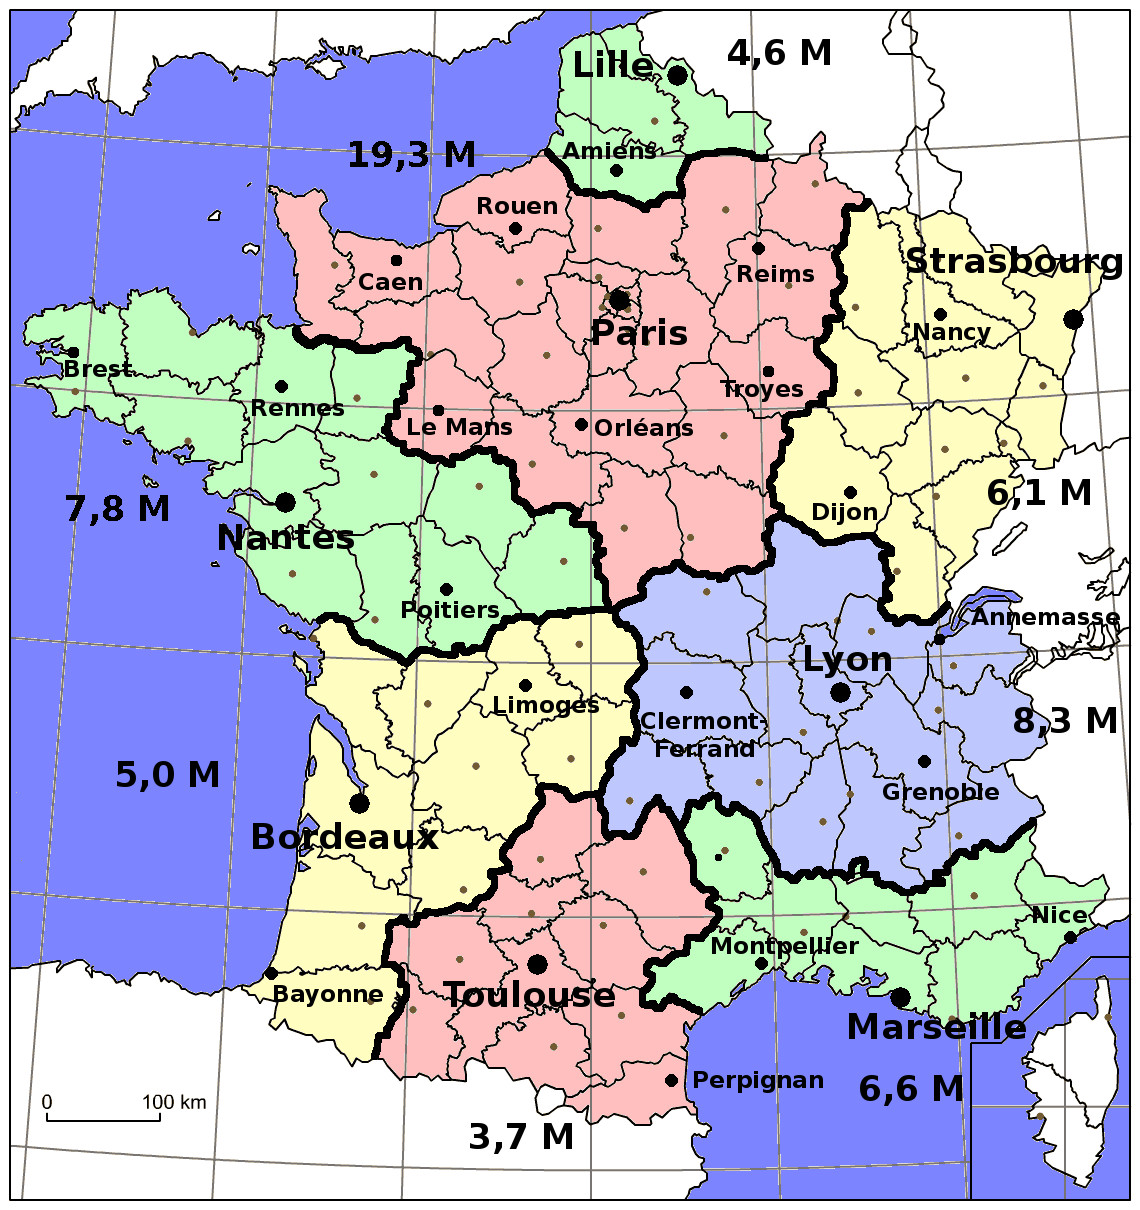 Carte de France découpée en 8 régions